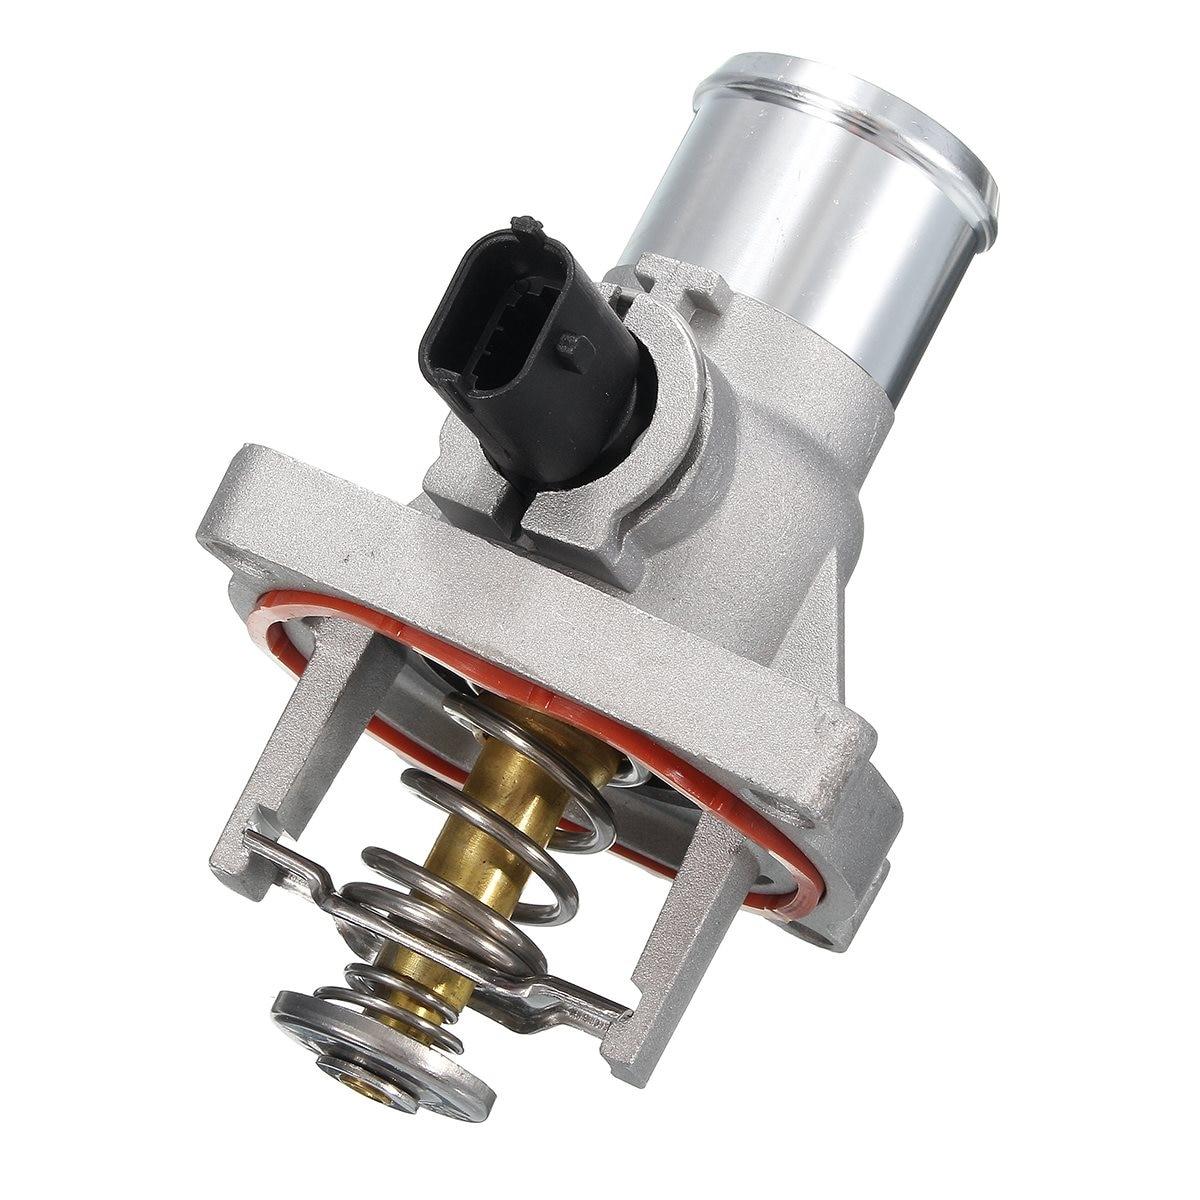 Prix pour Refroidissement moteur Boîtier de Thermostat Pour Chevrolet/Cruze Sonic Aveo G3 2009-2013 pour Vauxhall/Opel Astra 96414627 55578419